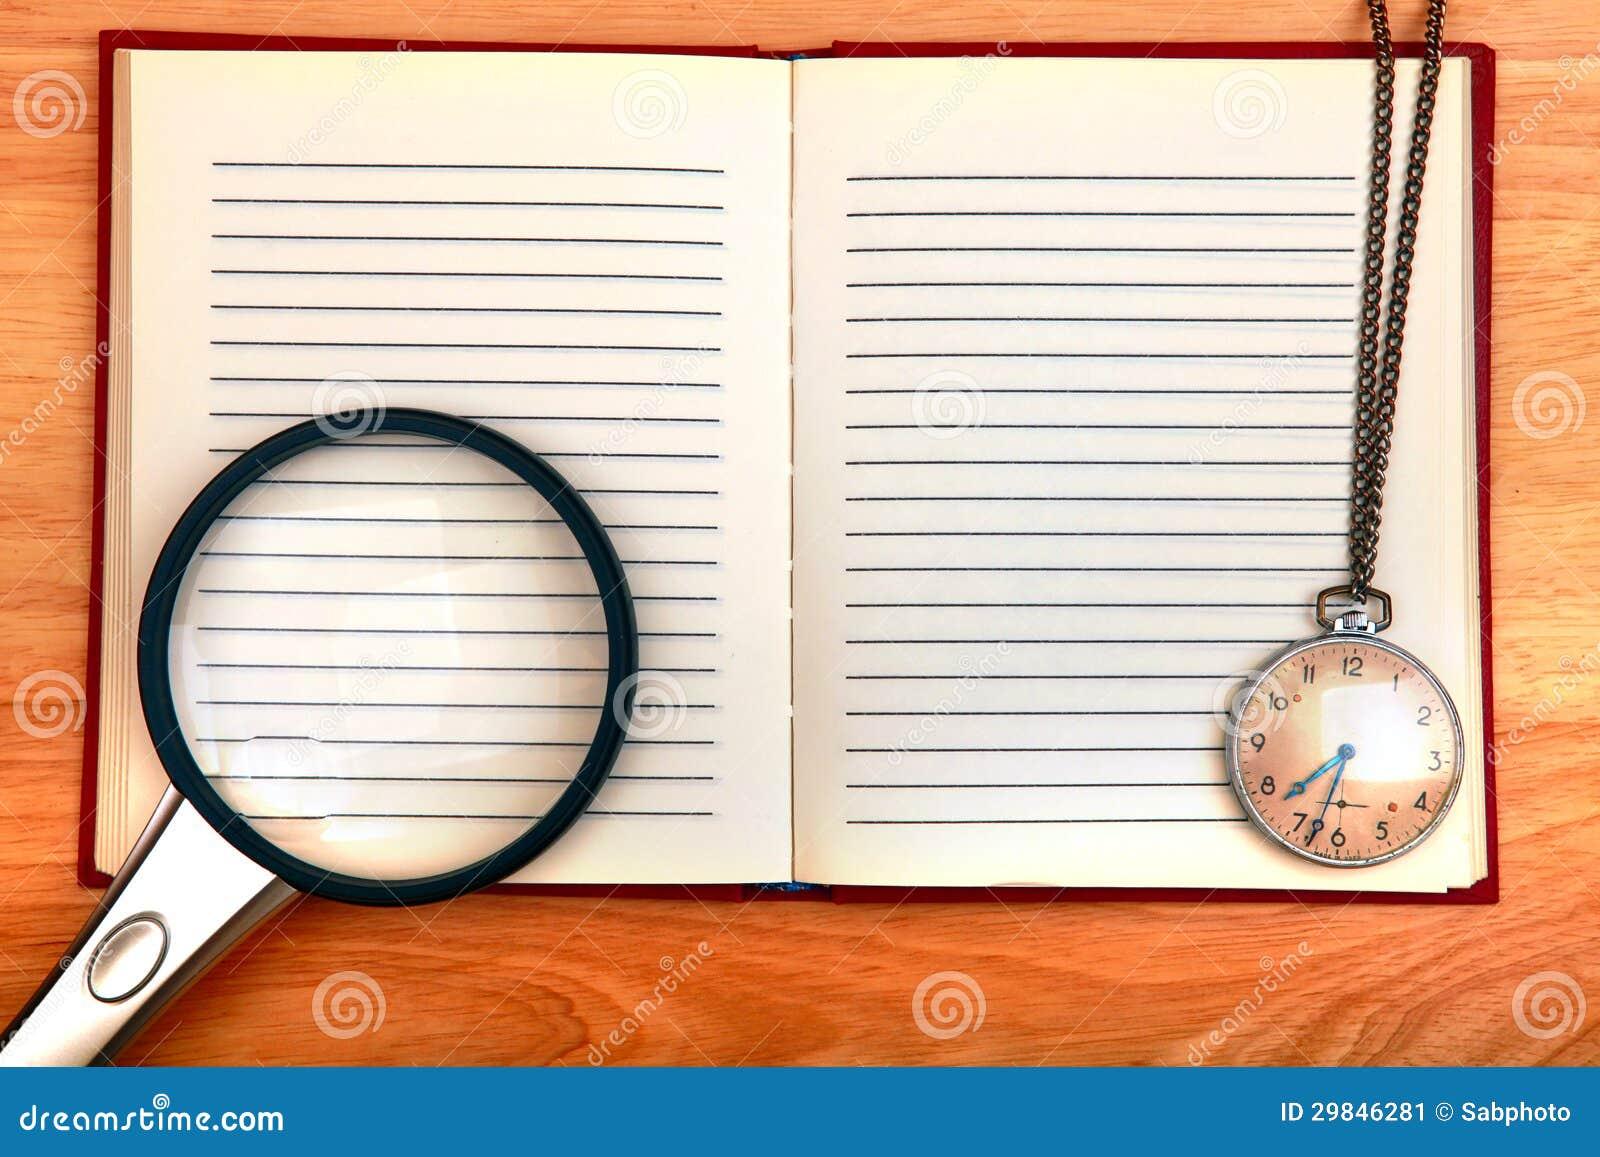 Almofada de escrita e lupa e relógio